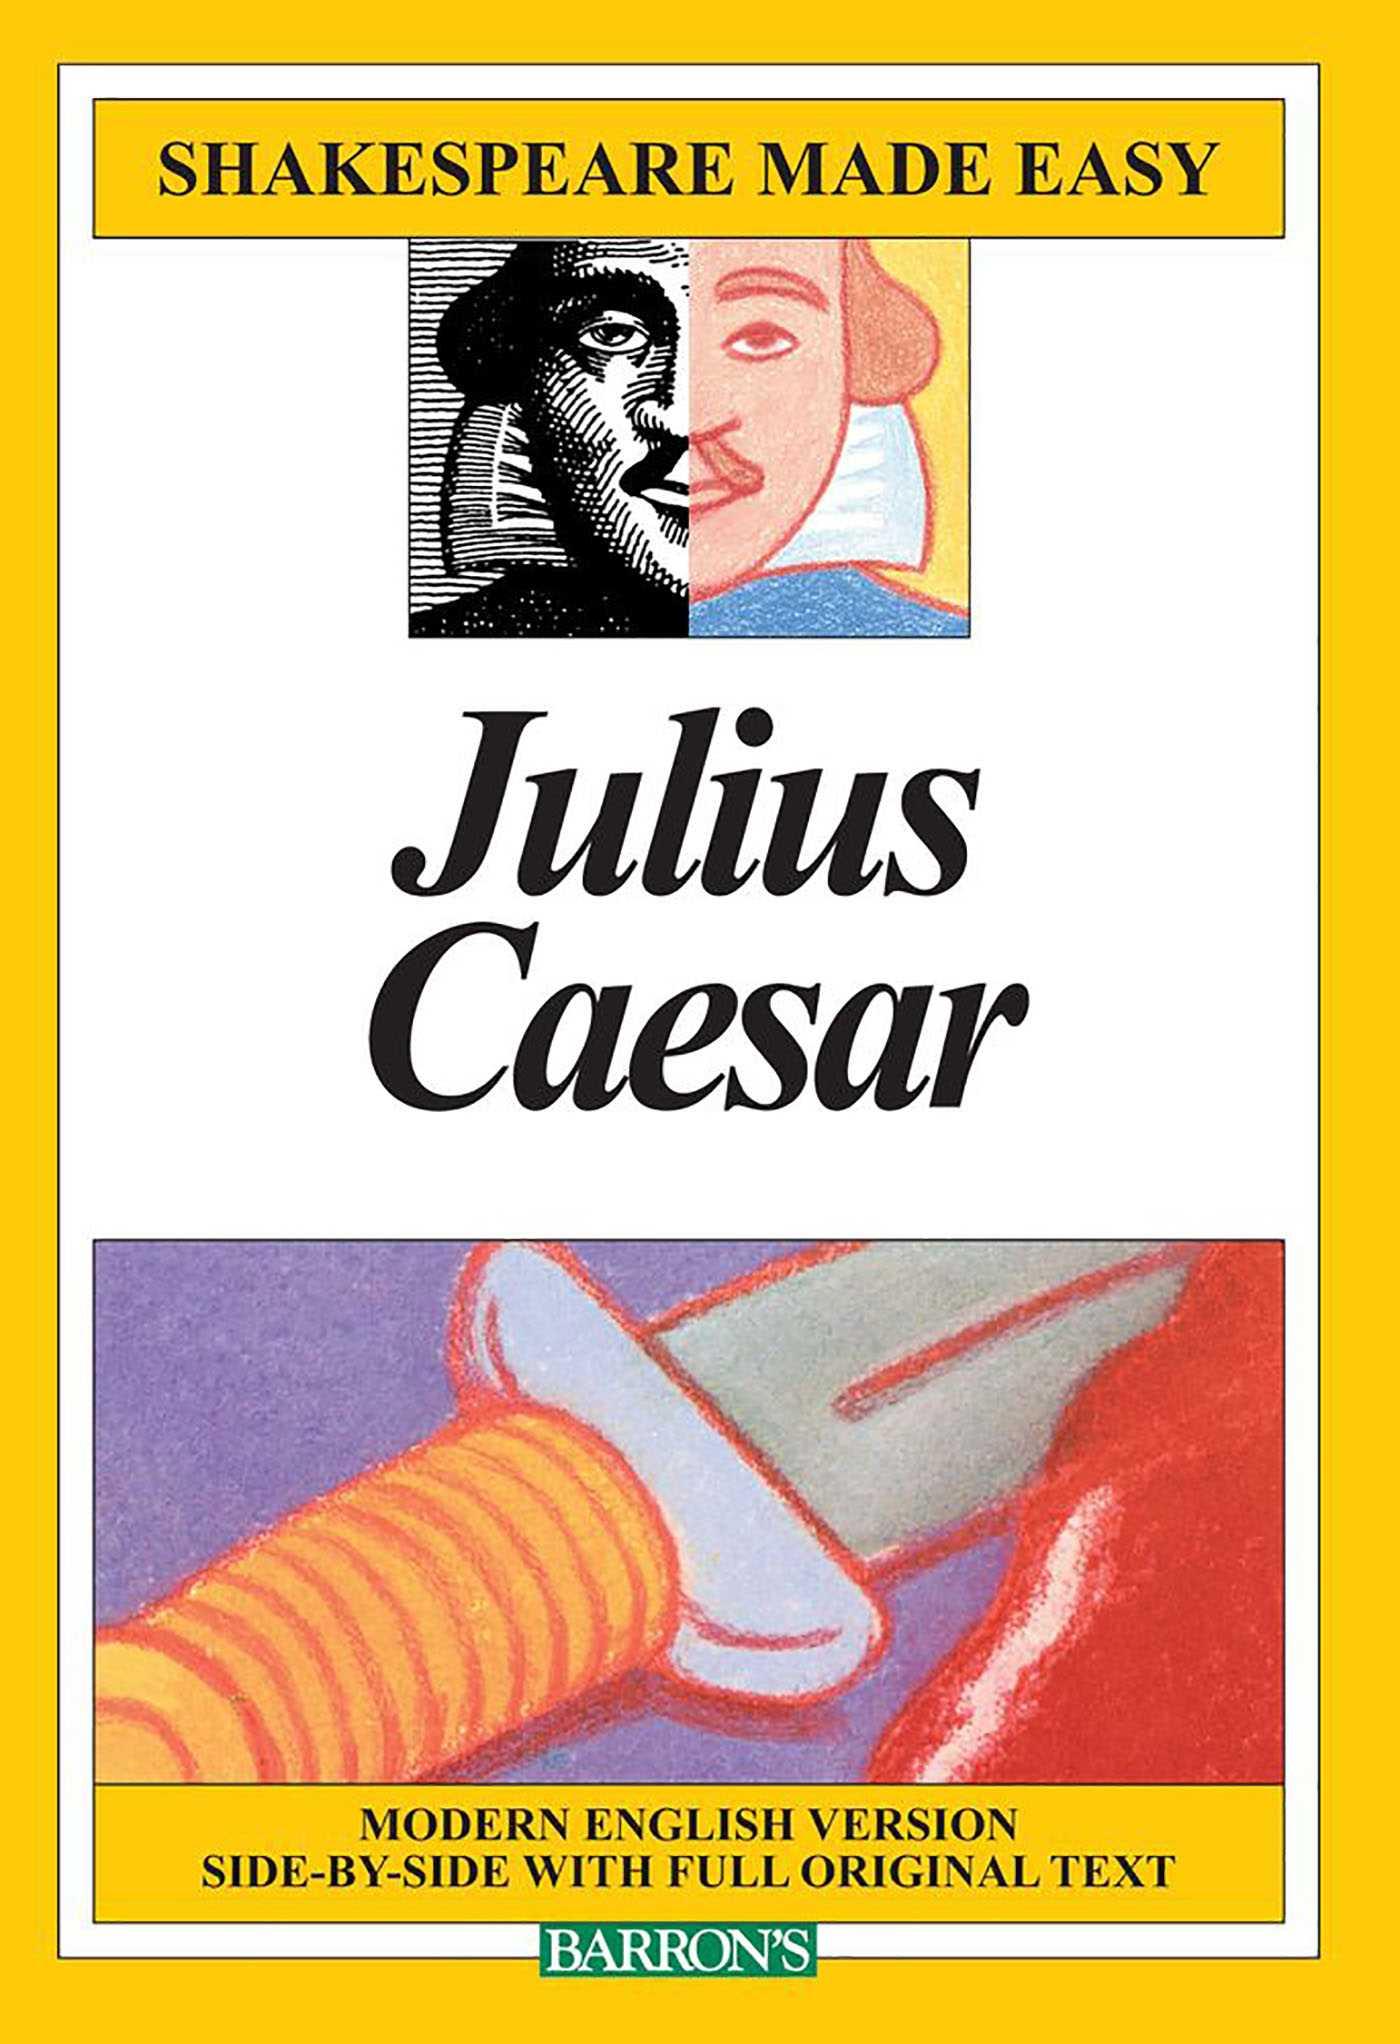 JULIUS CAESAR EBOOK DOWNLOAD